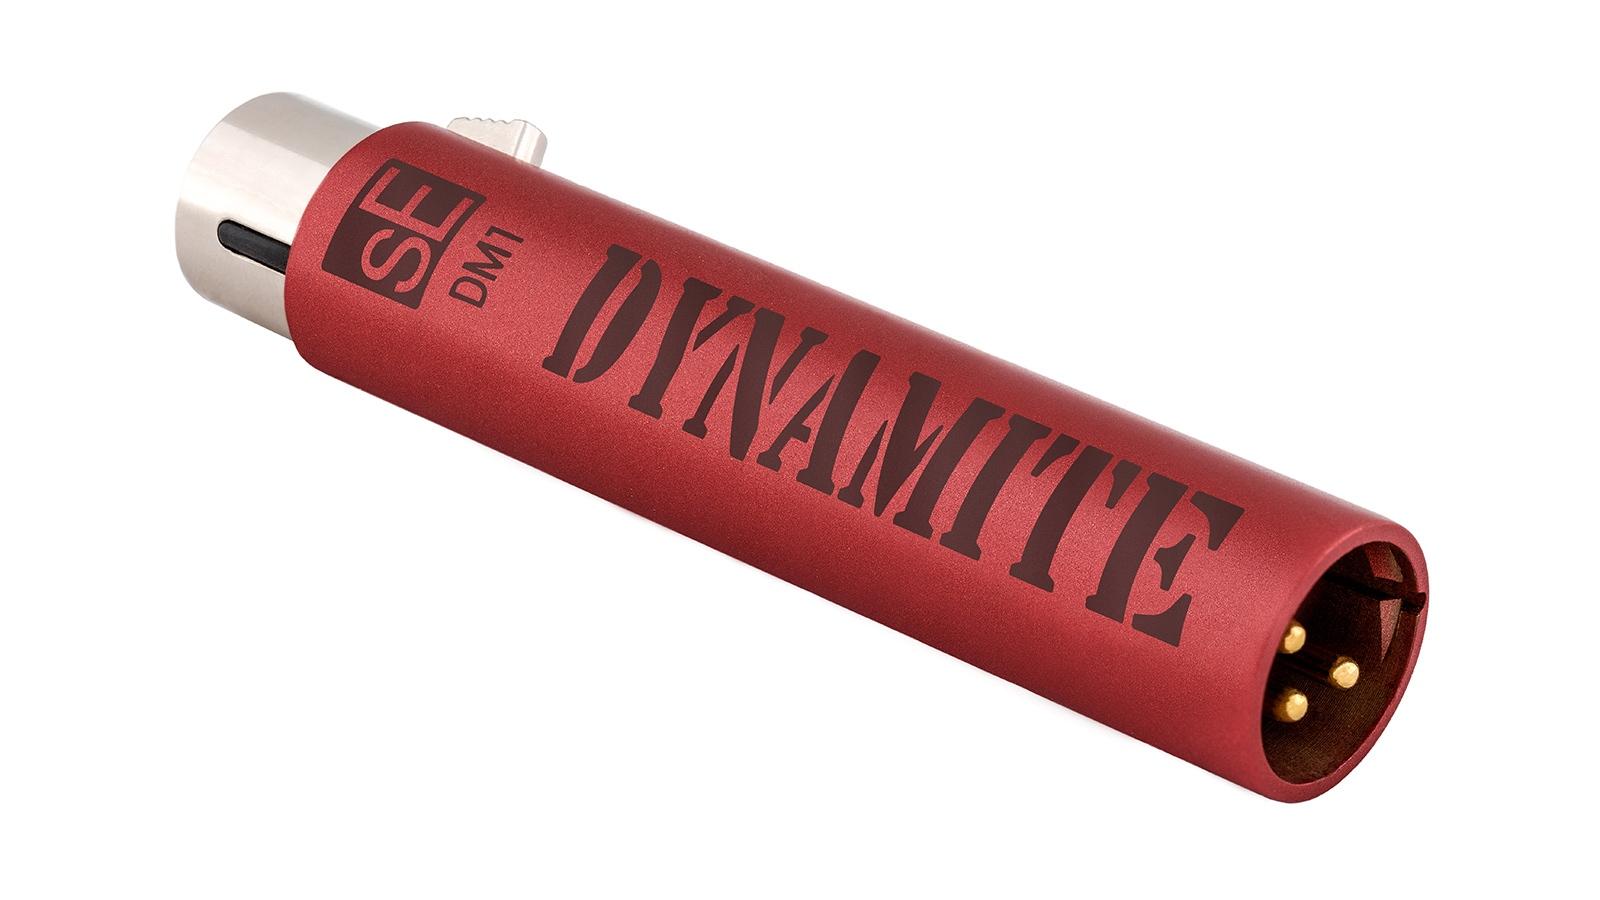 【12/7 新発売!!】SE Electronics DM1 DYNAMITE【エスイーエレクトロニクス】【アクティブラインプリアンプ】